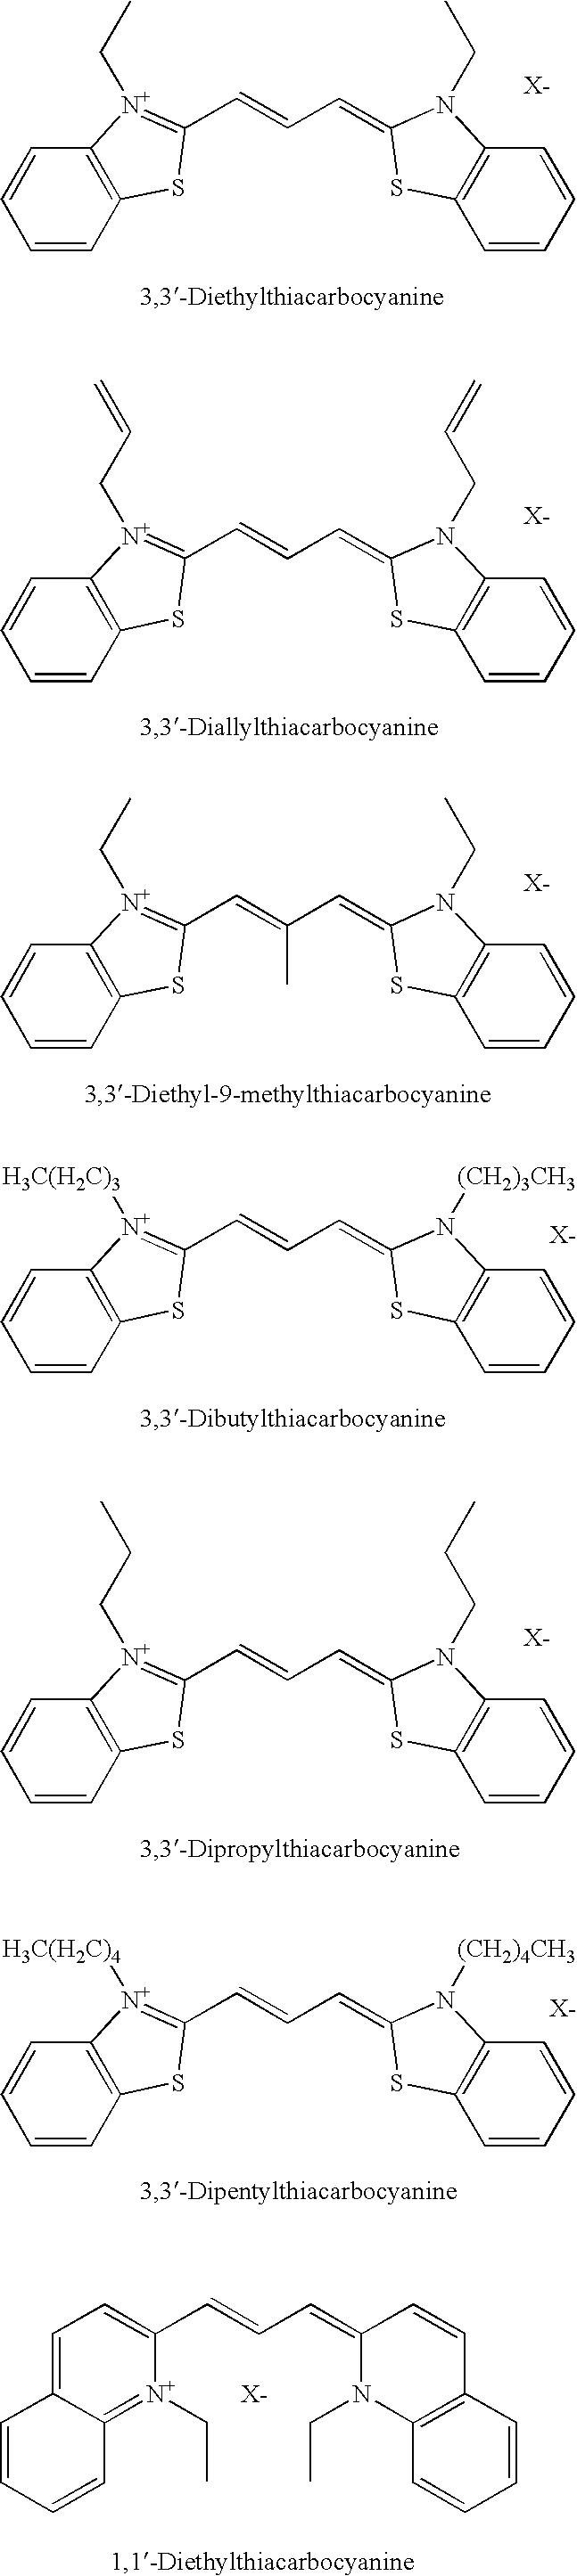 Figure US20070231821A1-20071004-C00008